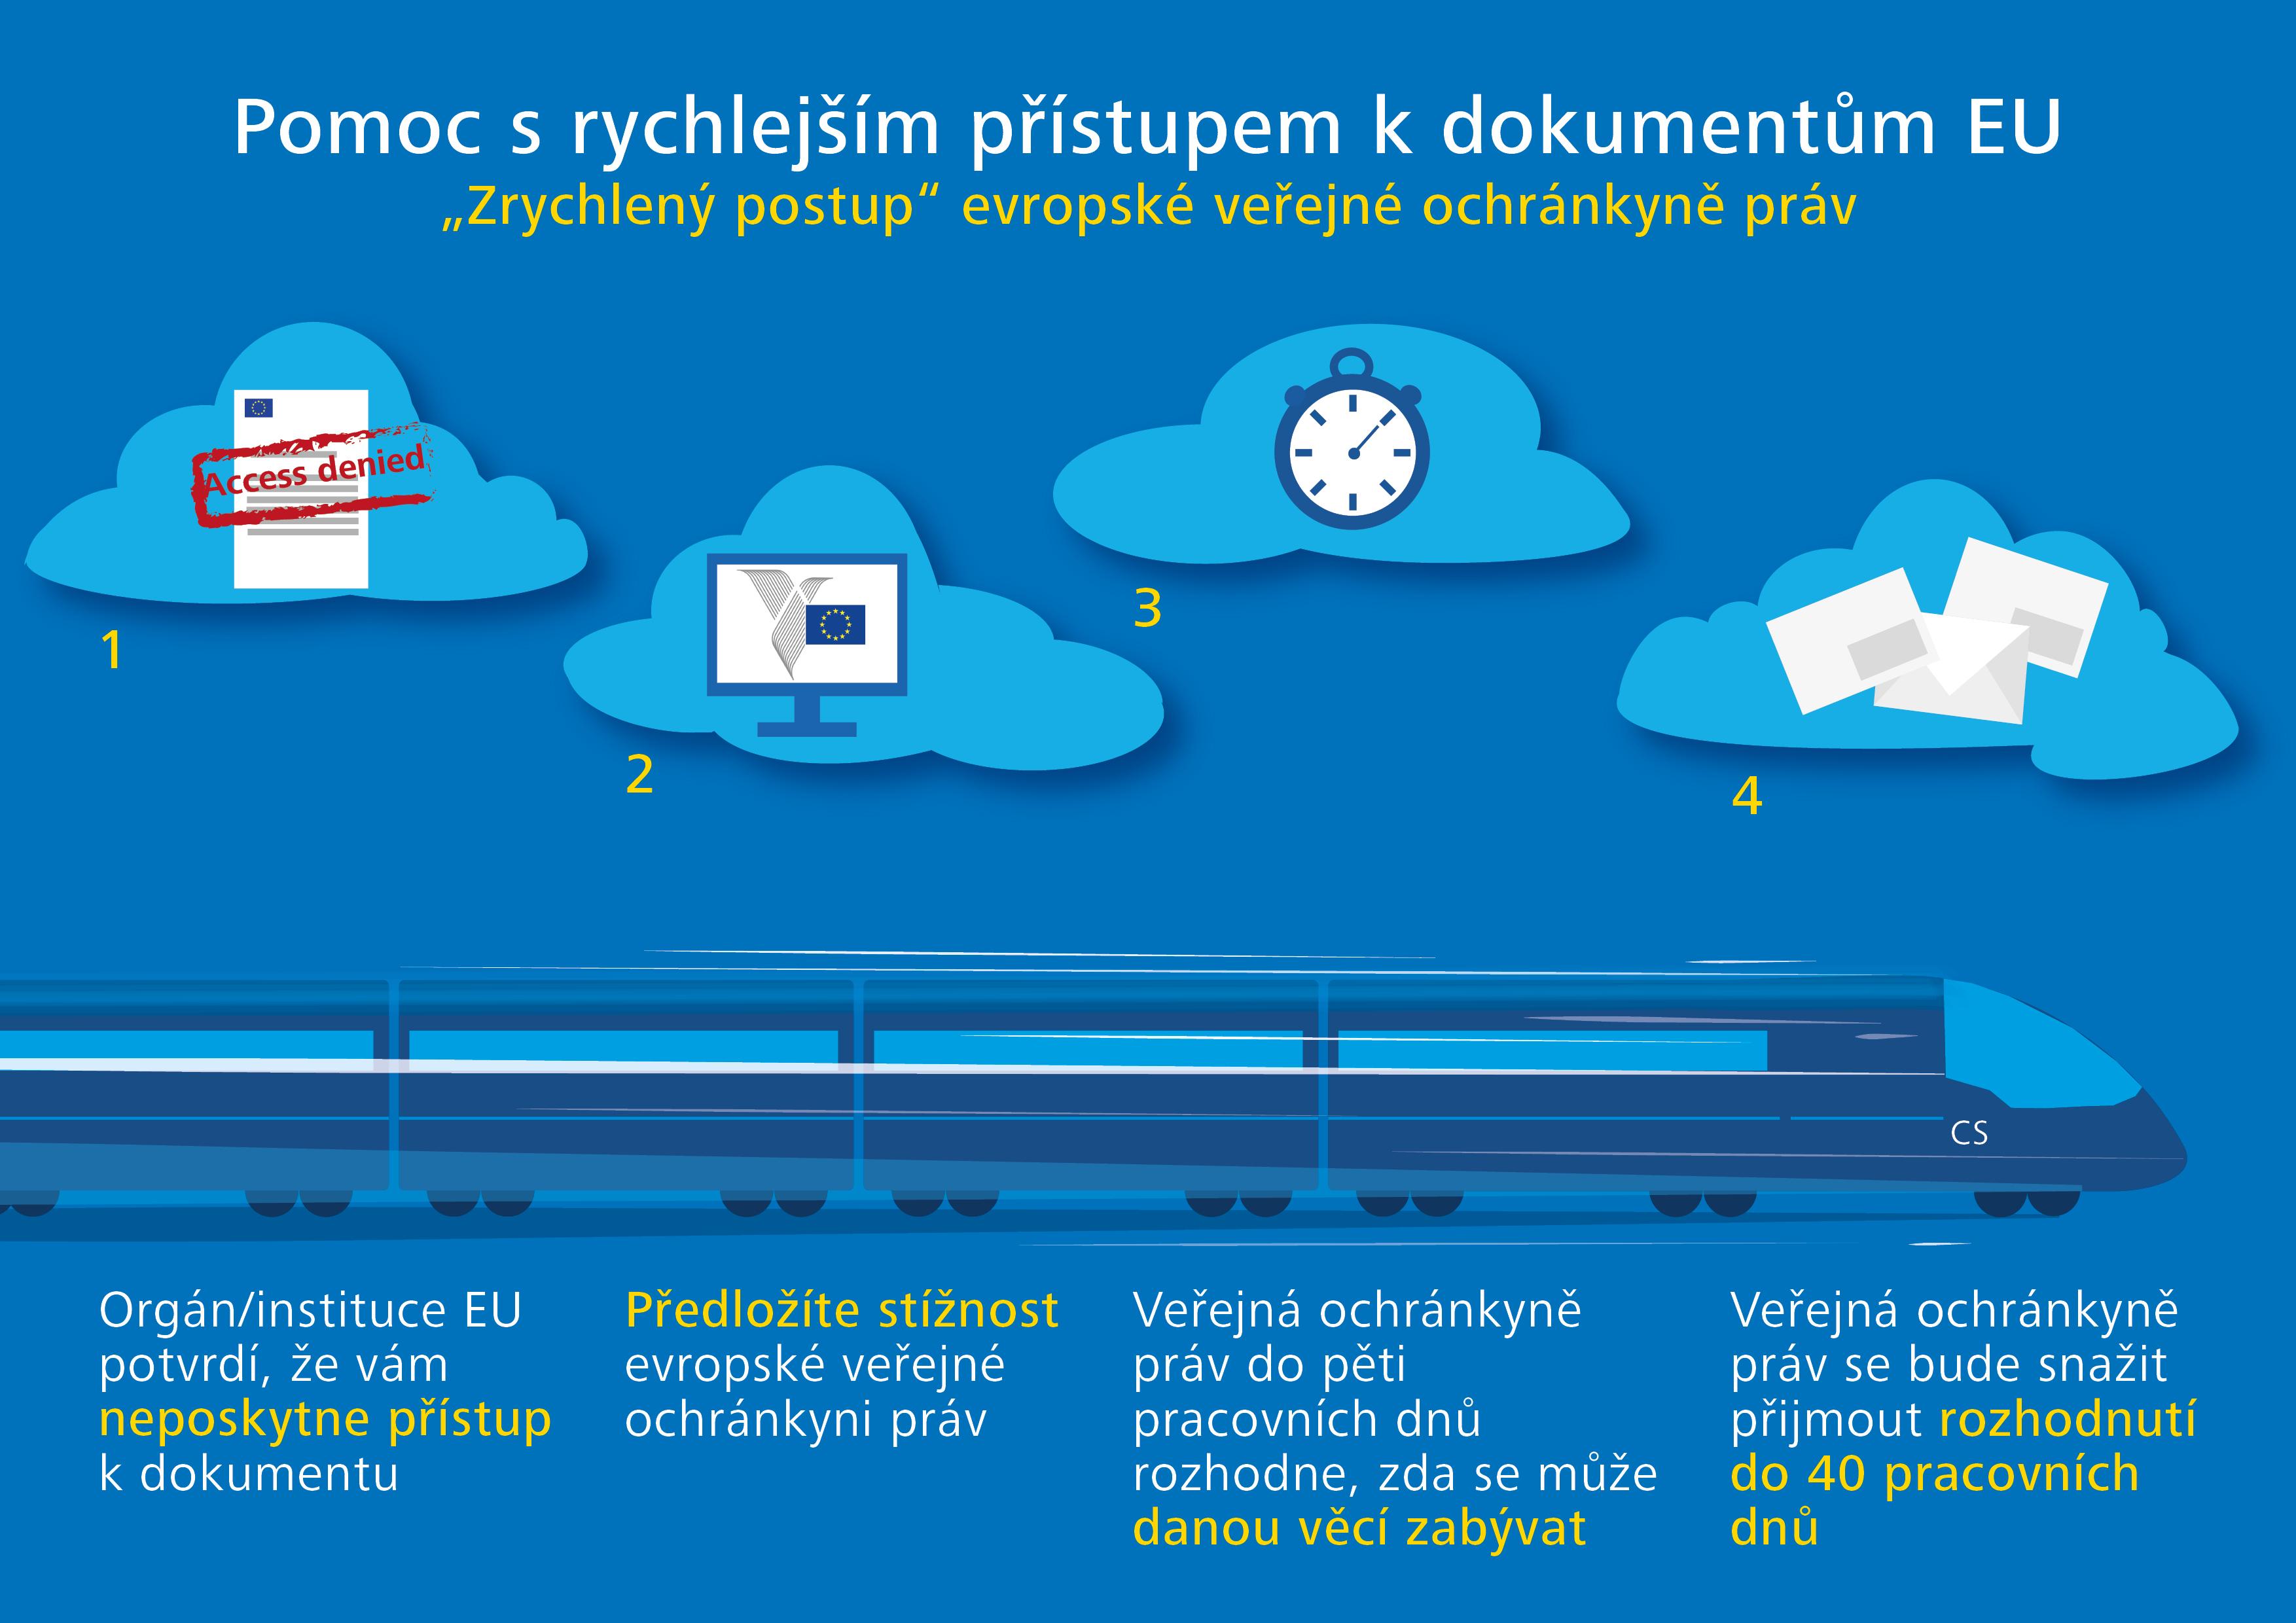 Pomoc s rychlejším přístupem k dokumentům EU